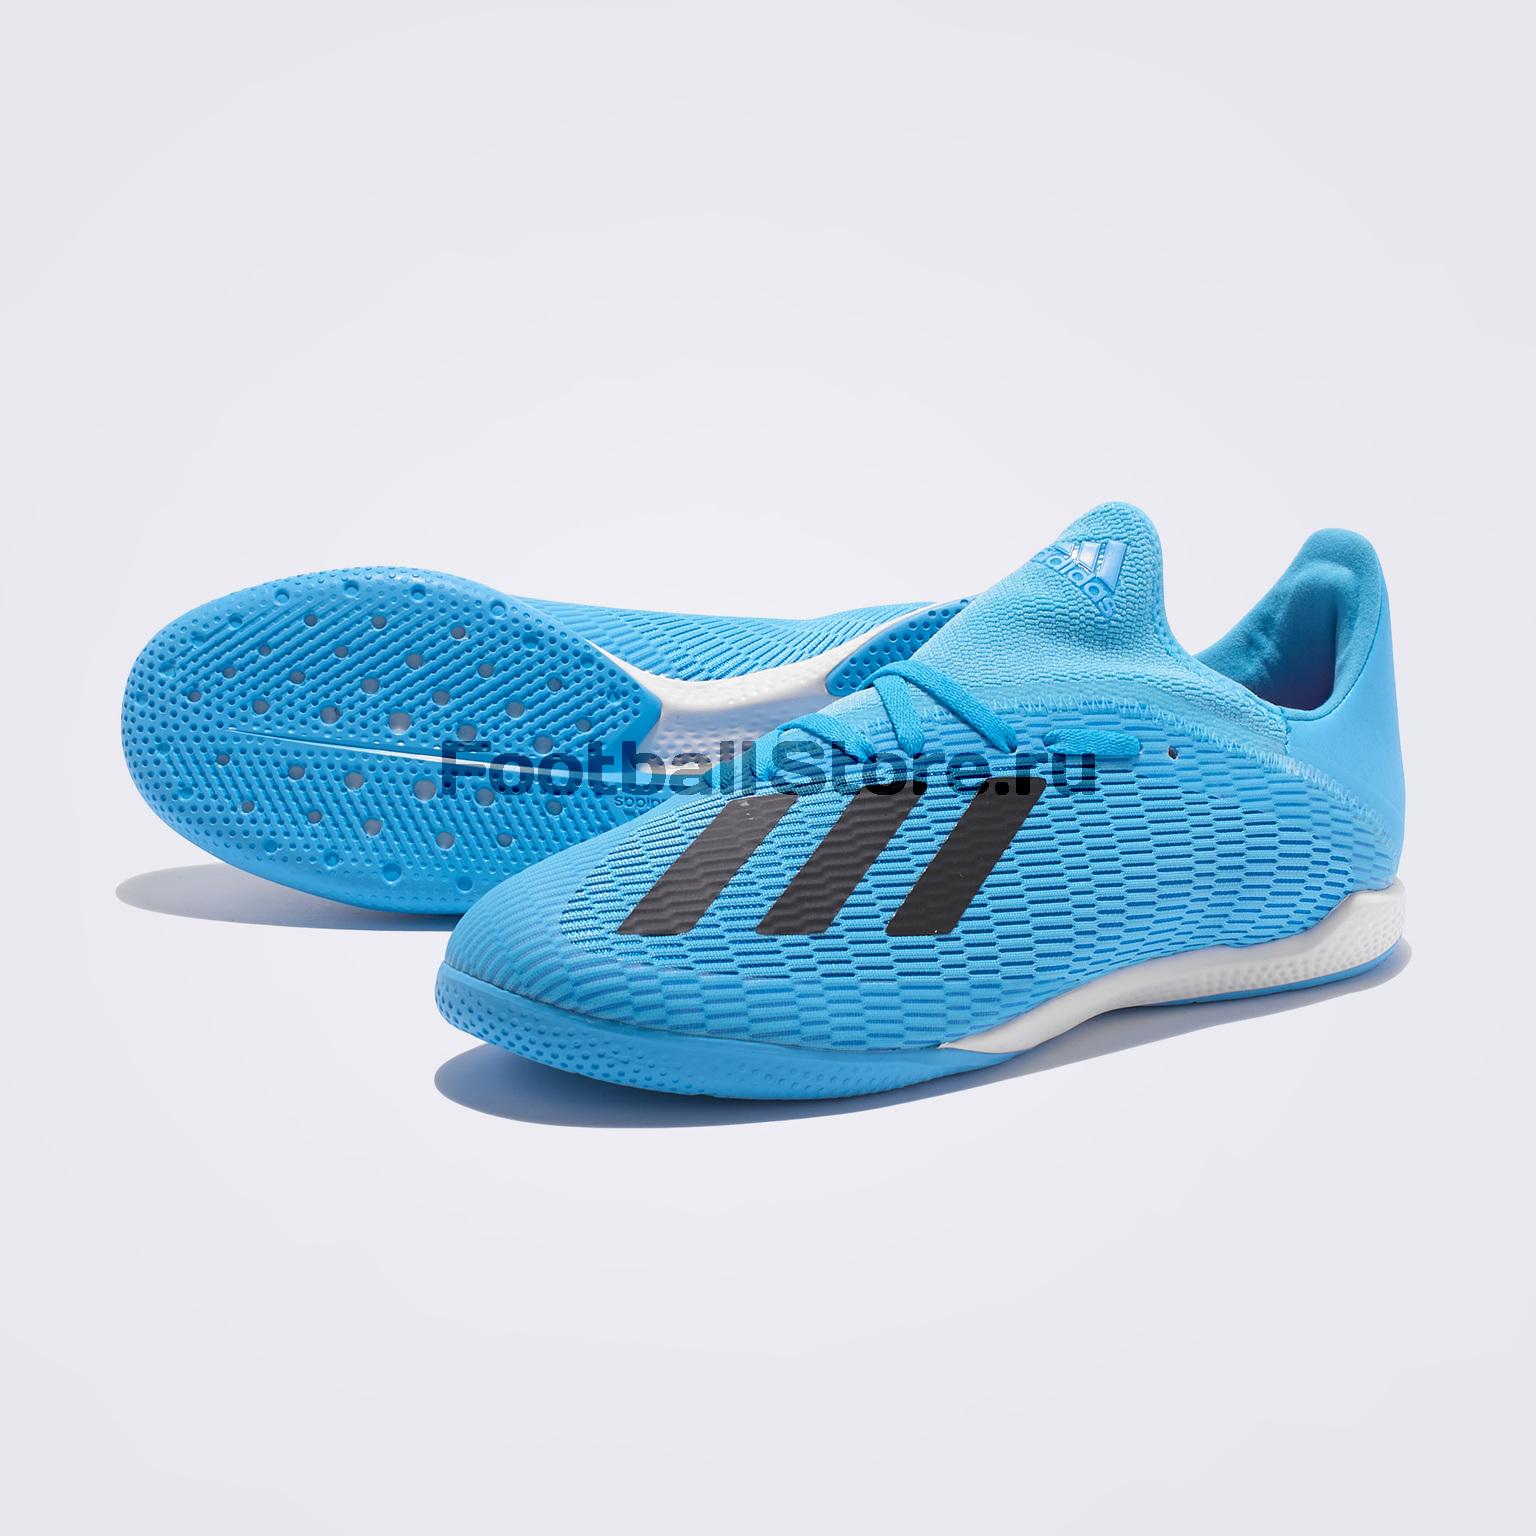 Футзалки Adidas X 19.3 IN F35371